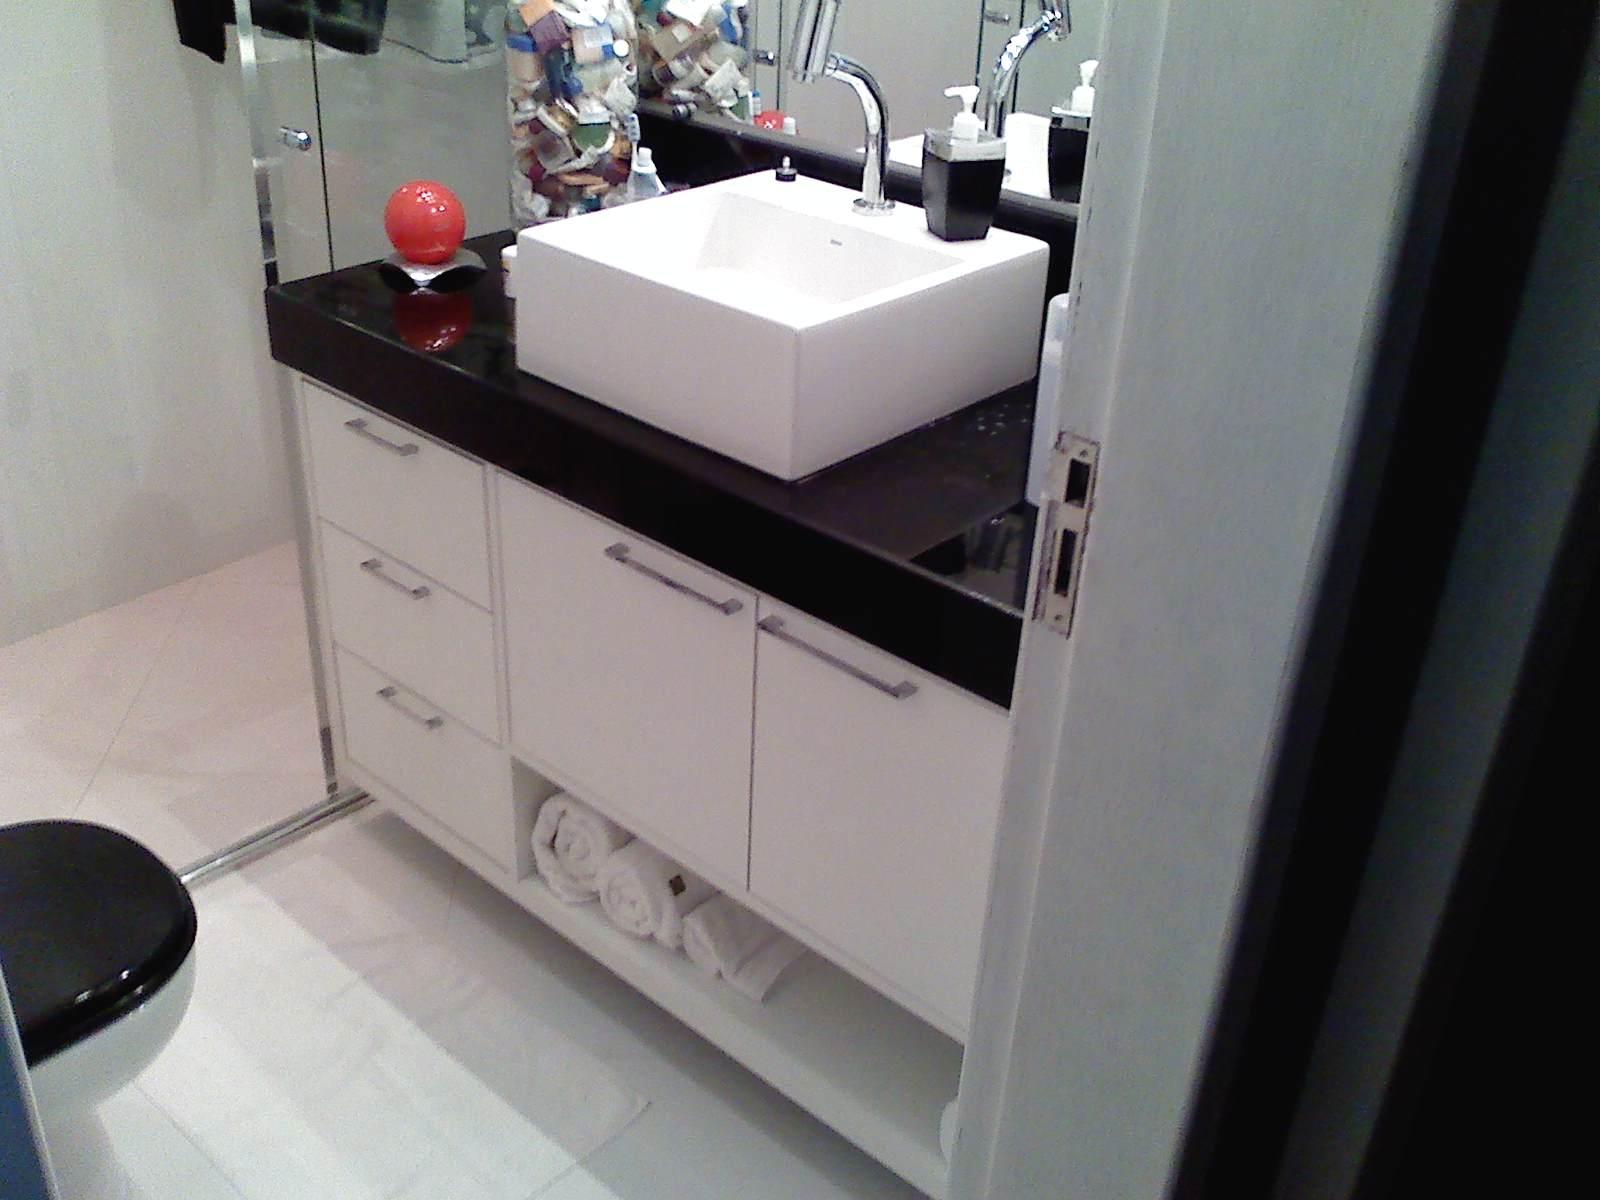 Brodt Tudo em Móveis Sob Medida: Balcão de Banheiro #6C4043 1600x1200 Armario Banheiro Sob Medida